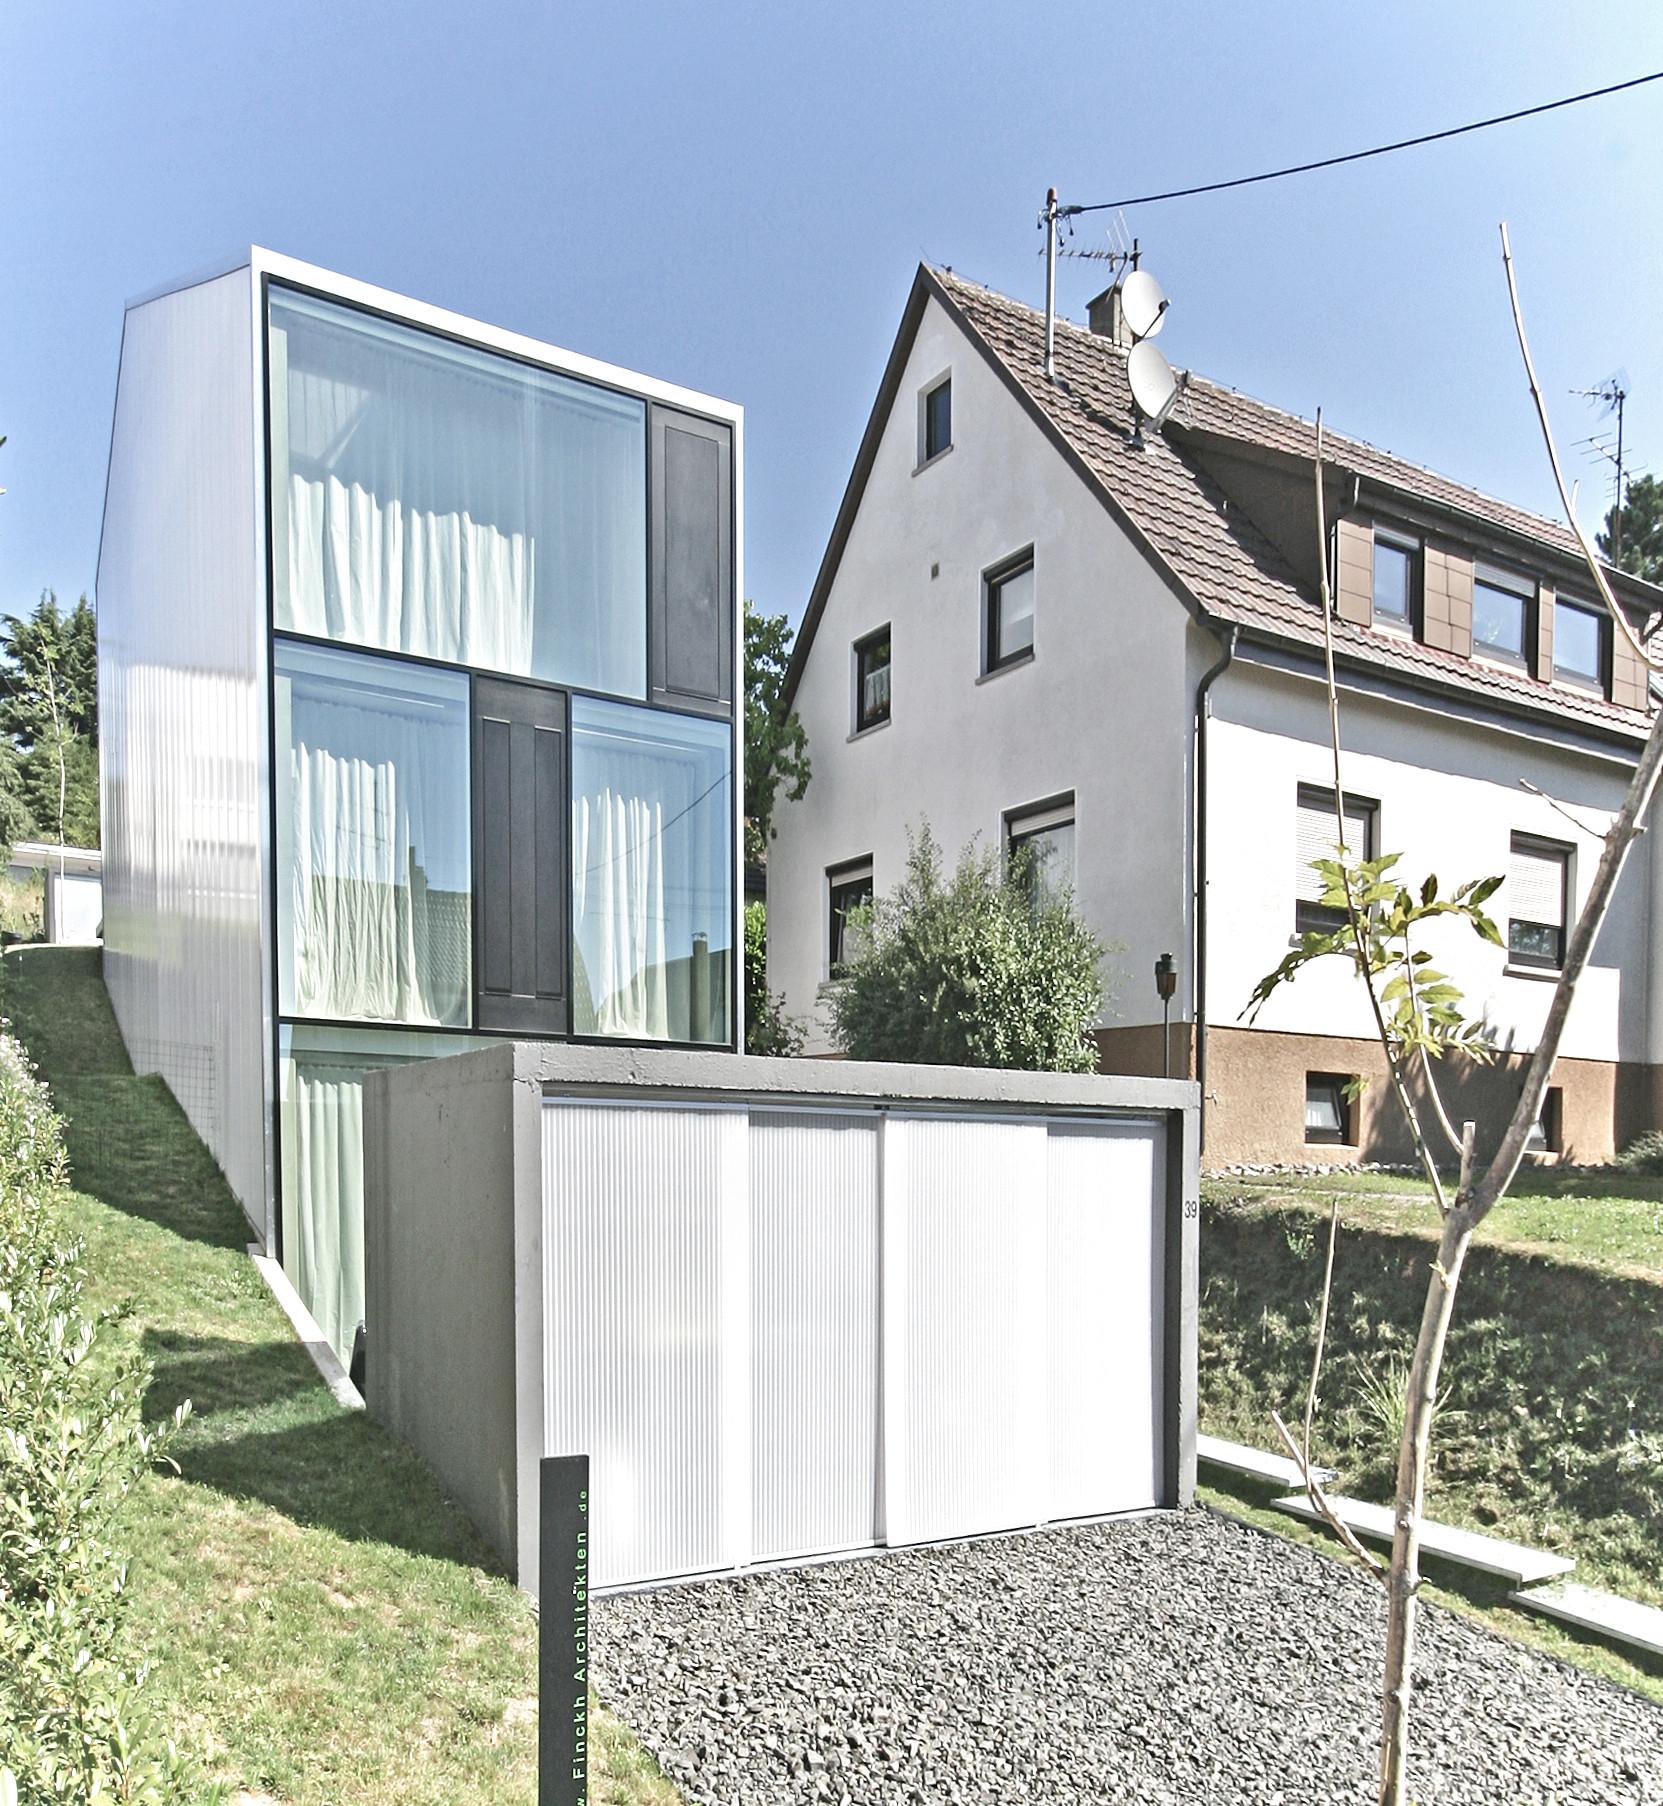 House F / Finckh Architekten, Courtesy of Finckh Architekten